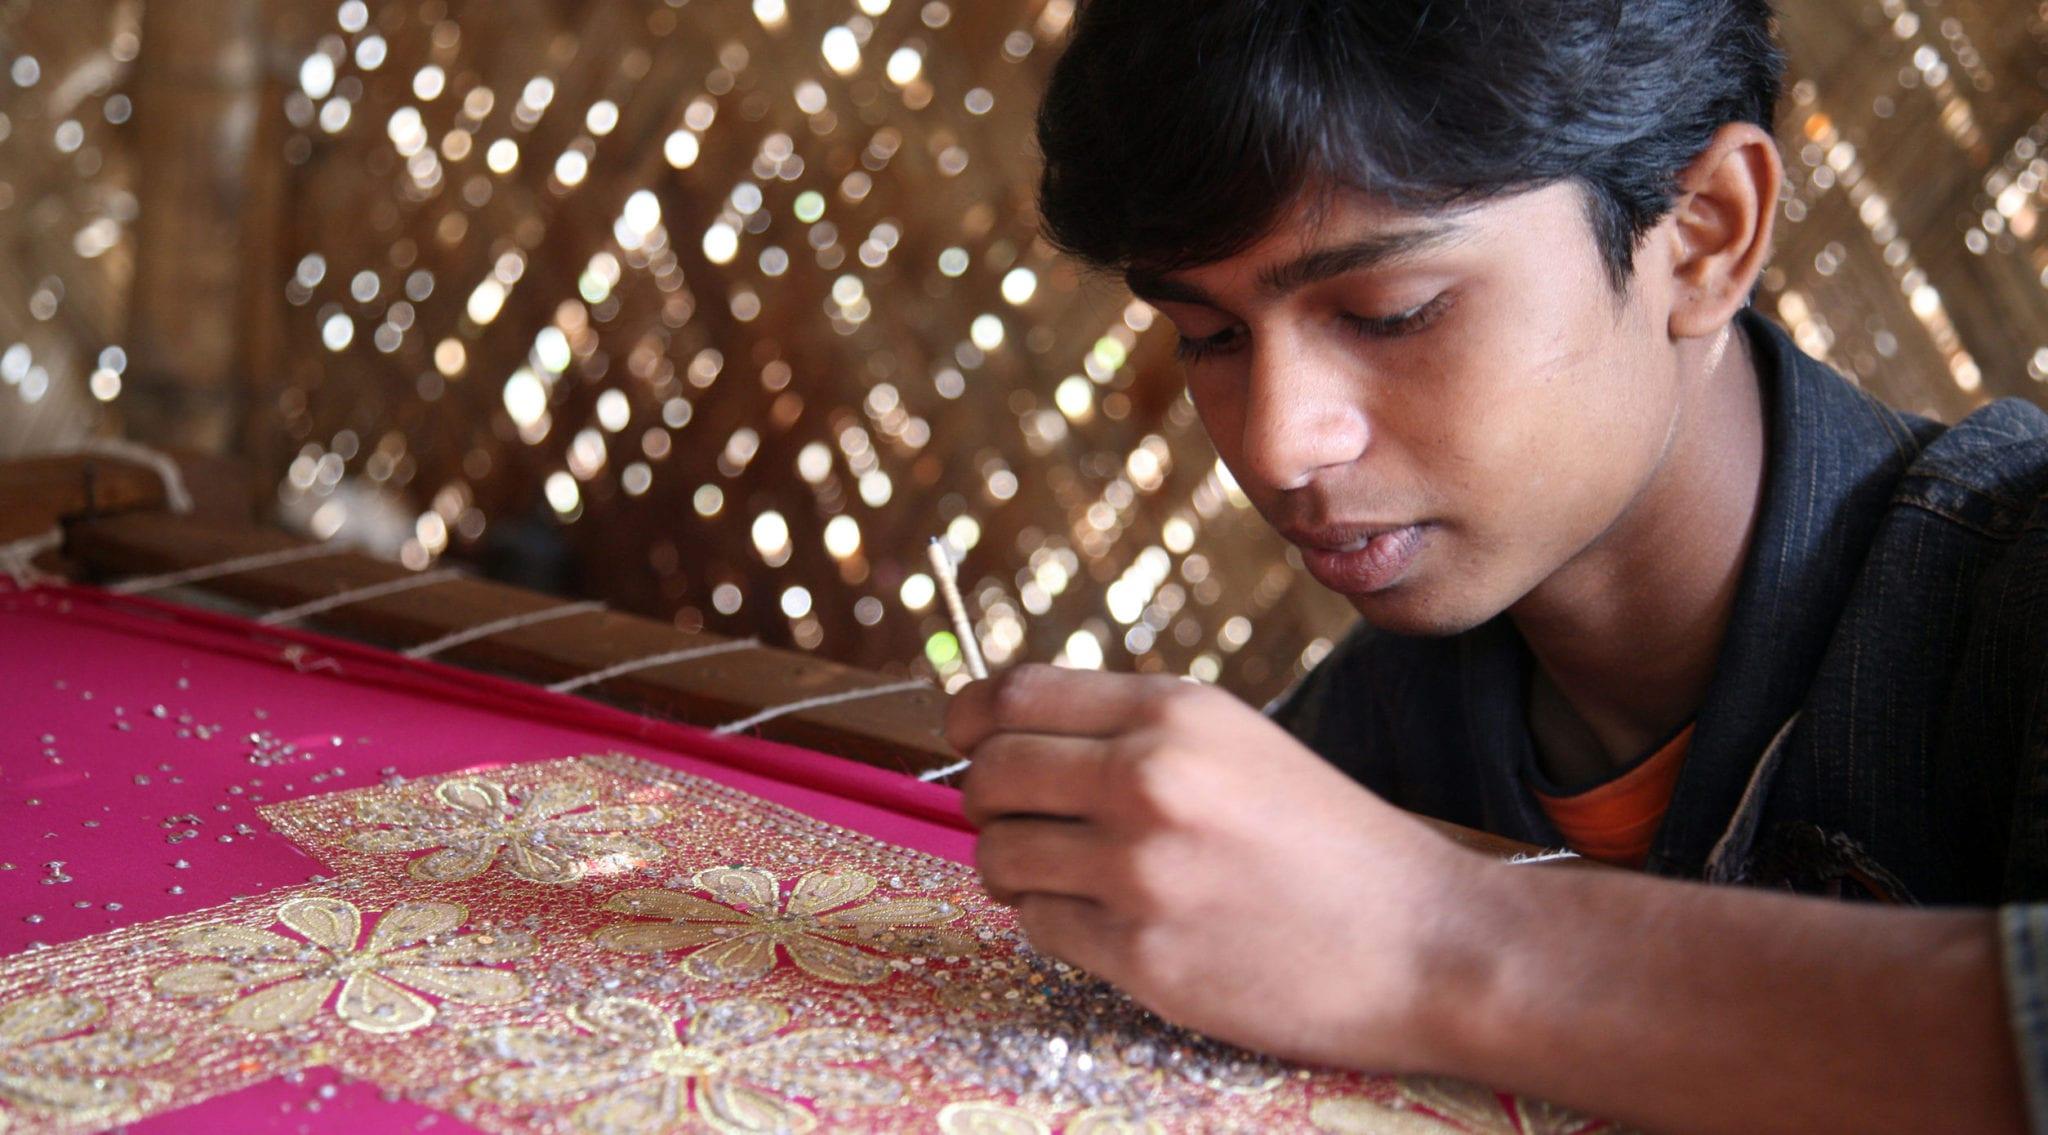 Kinderarbeit Indien - www.123rf.com - Zvonimir Atletic